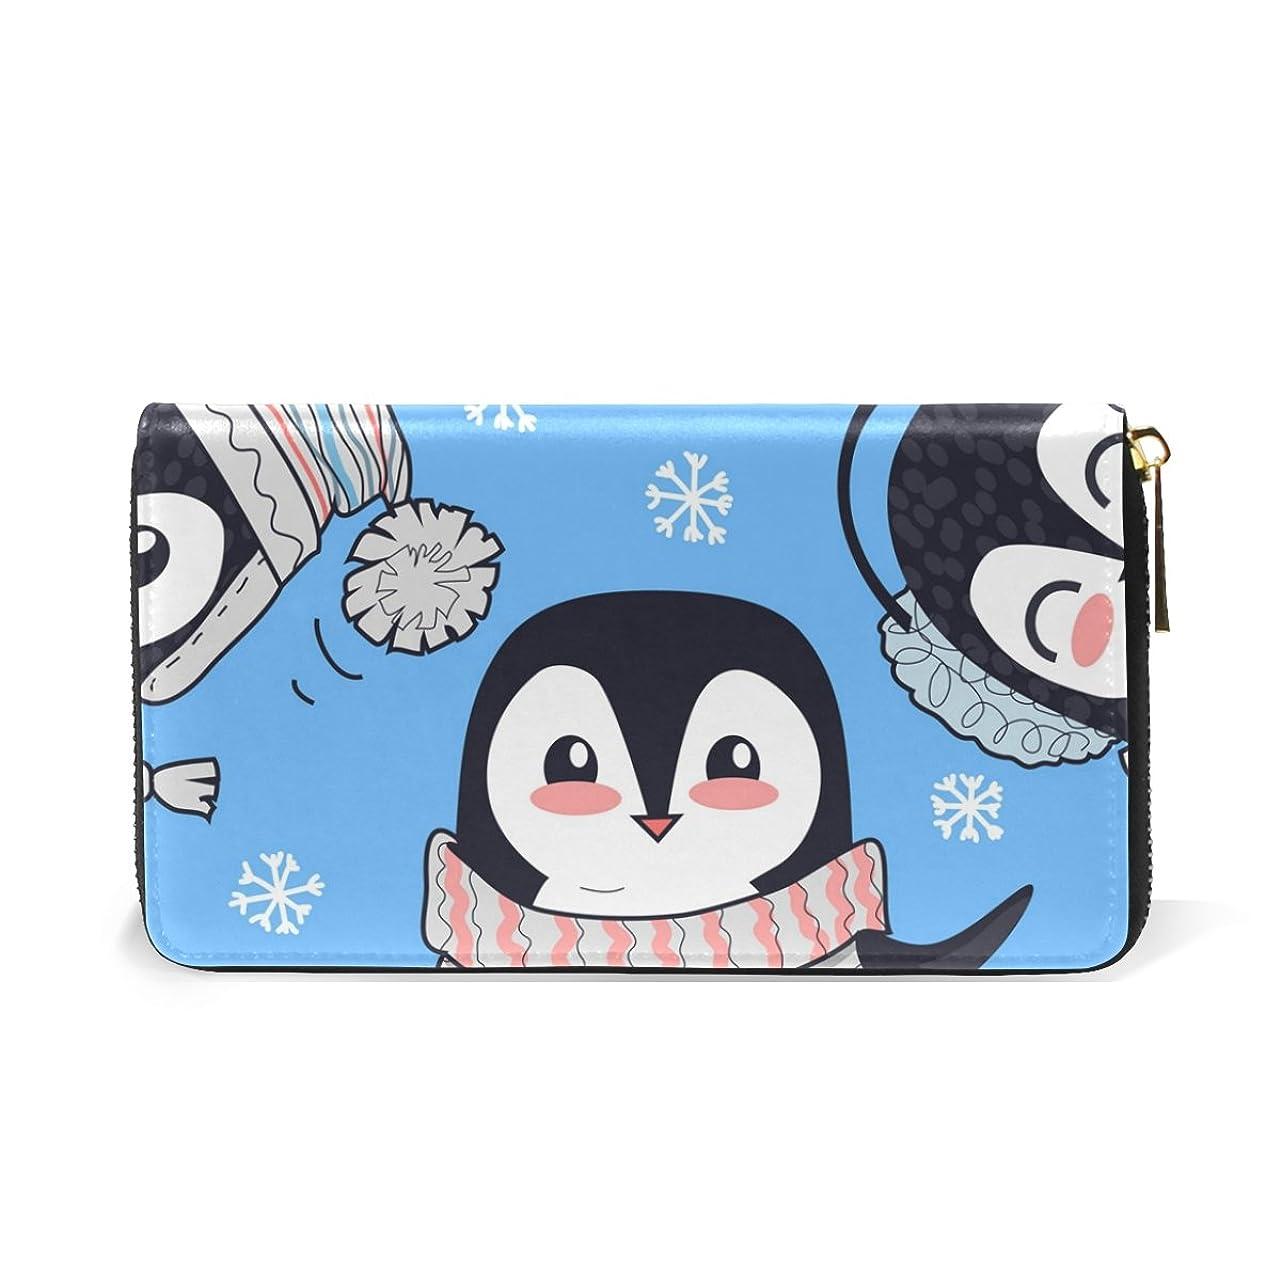 下に向けます集計ライトニングALAZA 財布 ペンギン柄 動物柄 本革 大容量 18枚 多機能 ラウンドファスナー 小銭入れ付 レディース 二つ折り